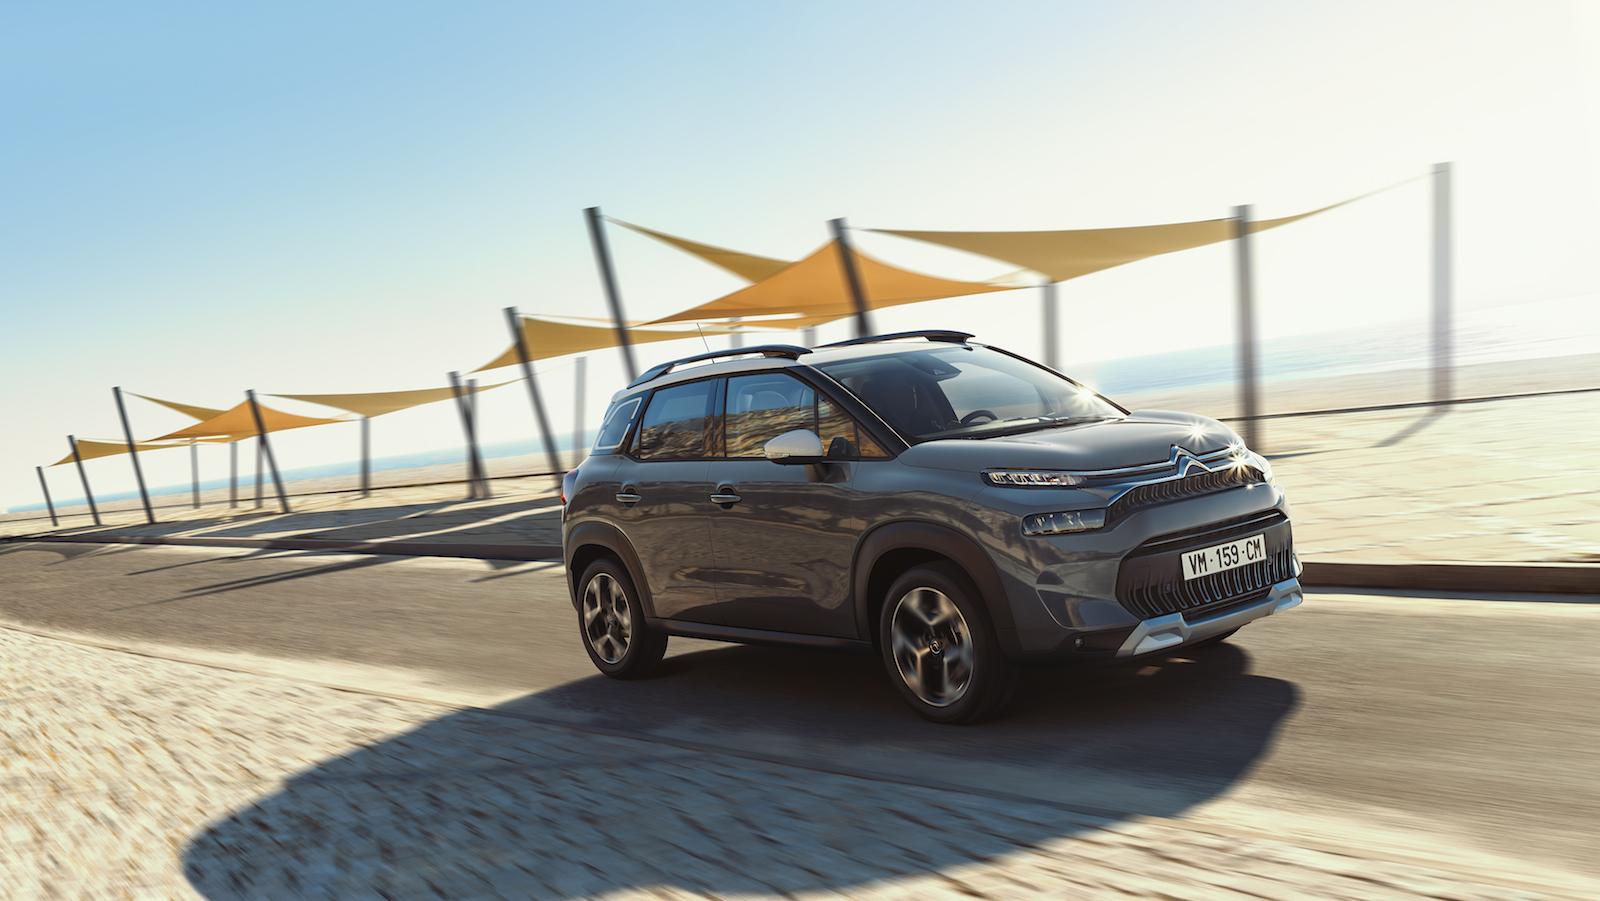 В России стартовали продажи обновленного кроссовера Citroën C3 Aircross                Автомобиль получил измененный дизайн, улучшенные возможности пе...